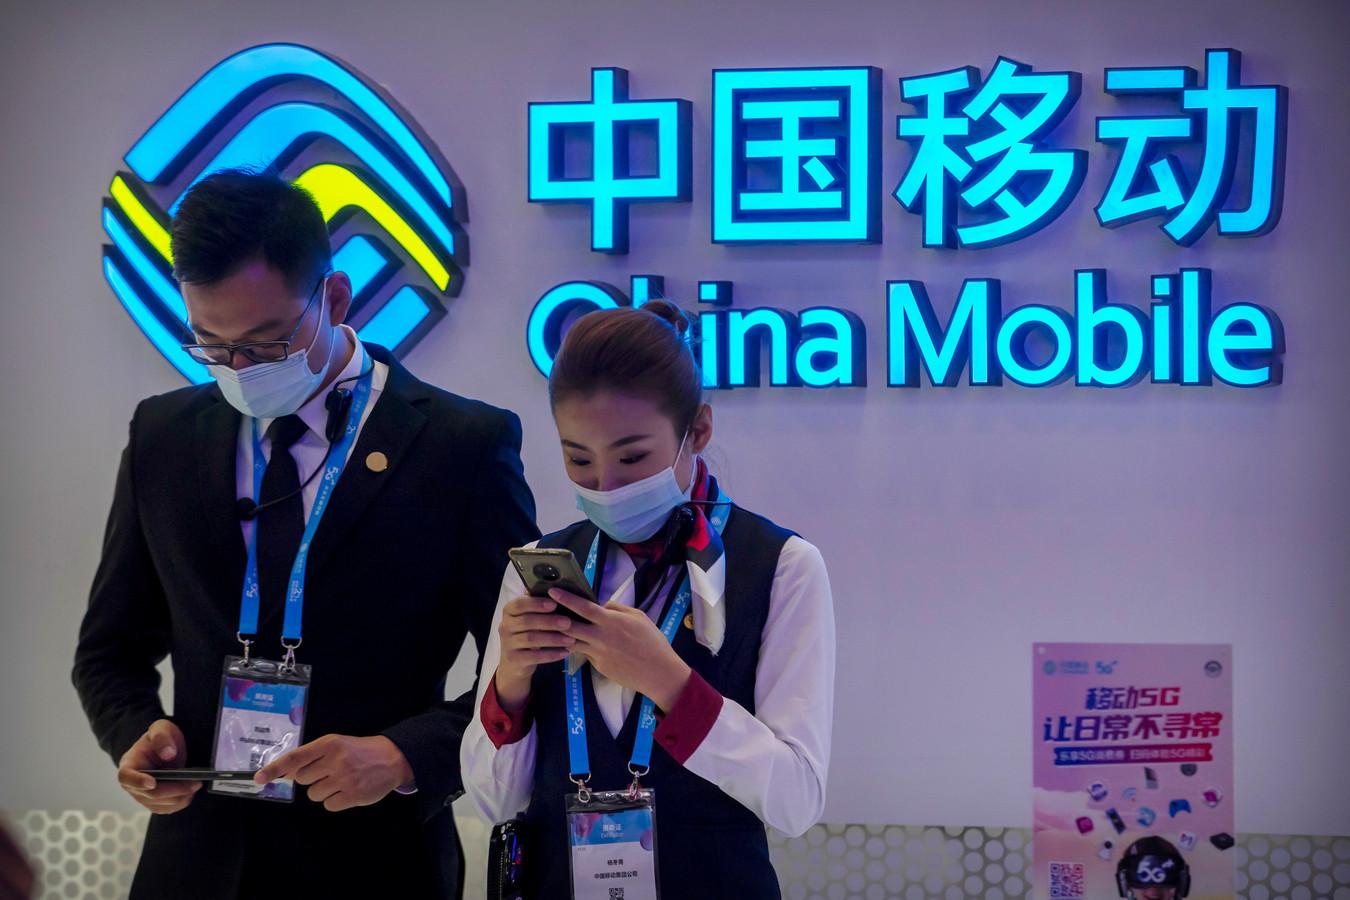 Onder meer de uitvoer van elektronica droeg bij aan de Chinese exportpiek in de eerste twee maanden van het jaar.